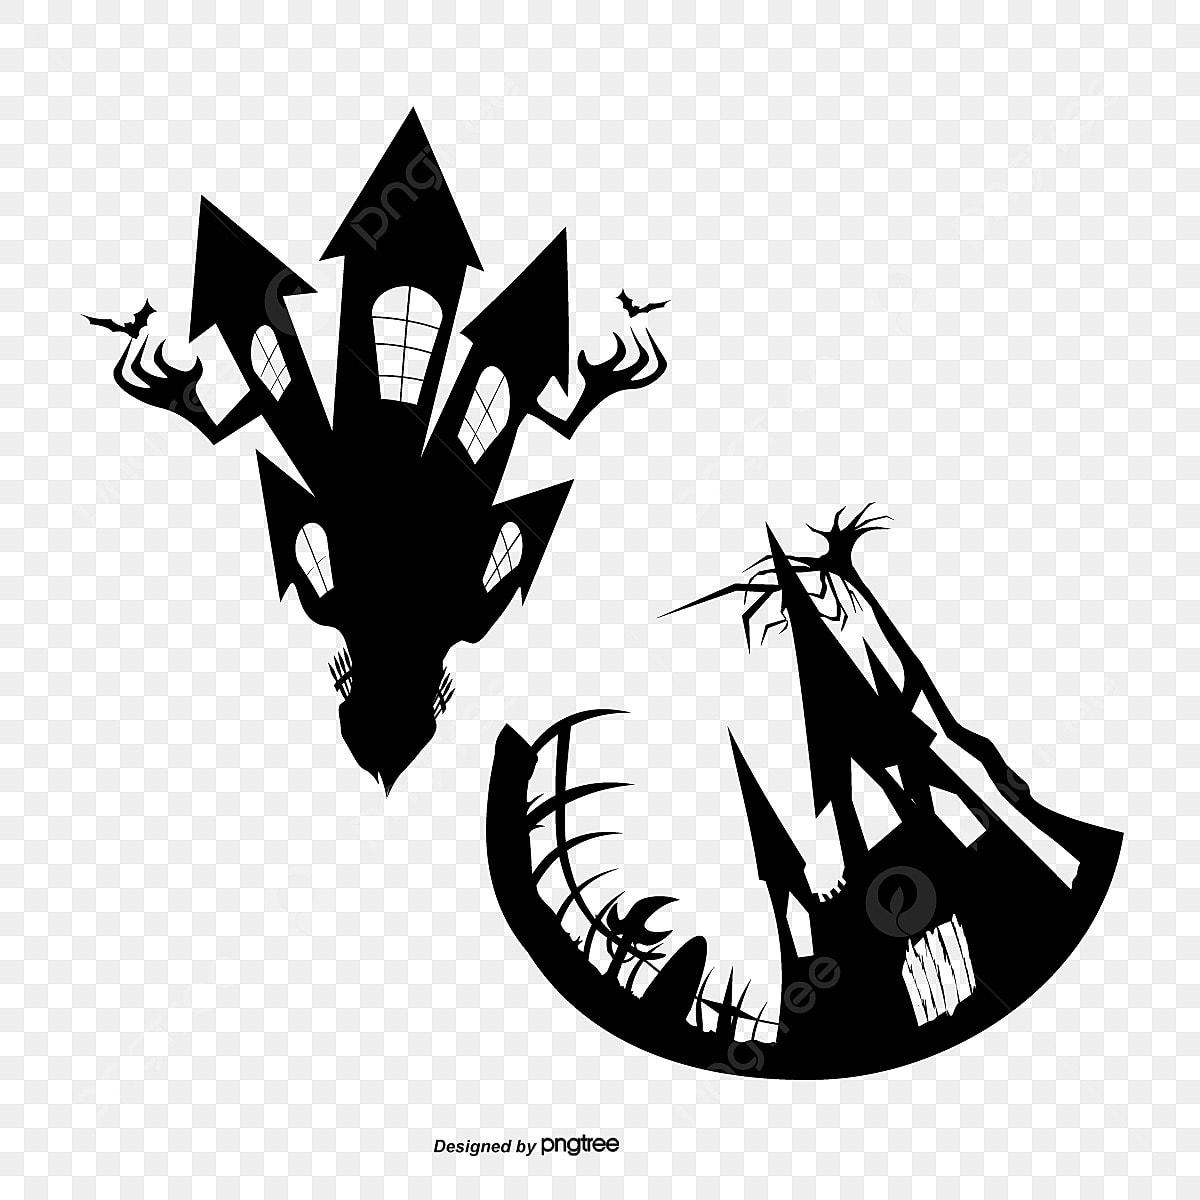 halloween halloween la maison hant u00e9e la chambre noire png et vecteur pour t u00e9l u00e9chargement gratuit